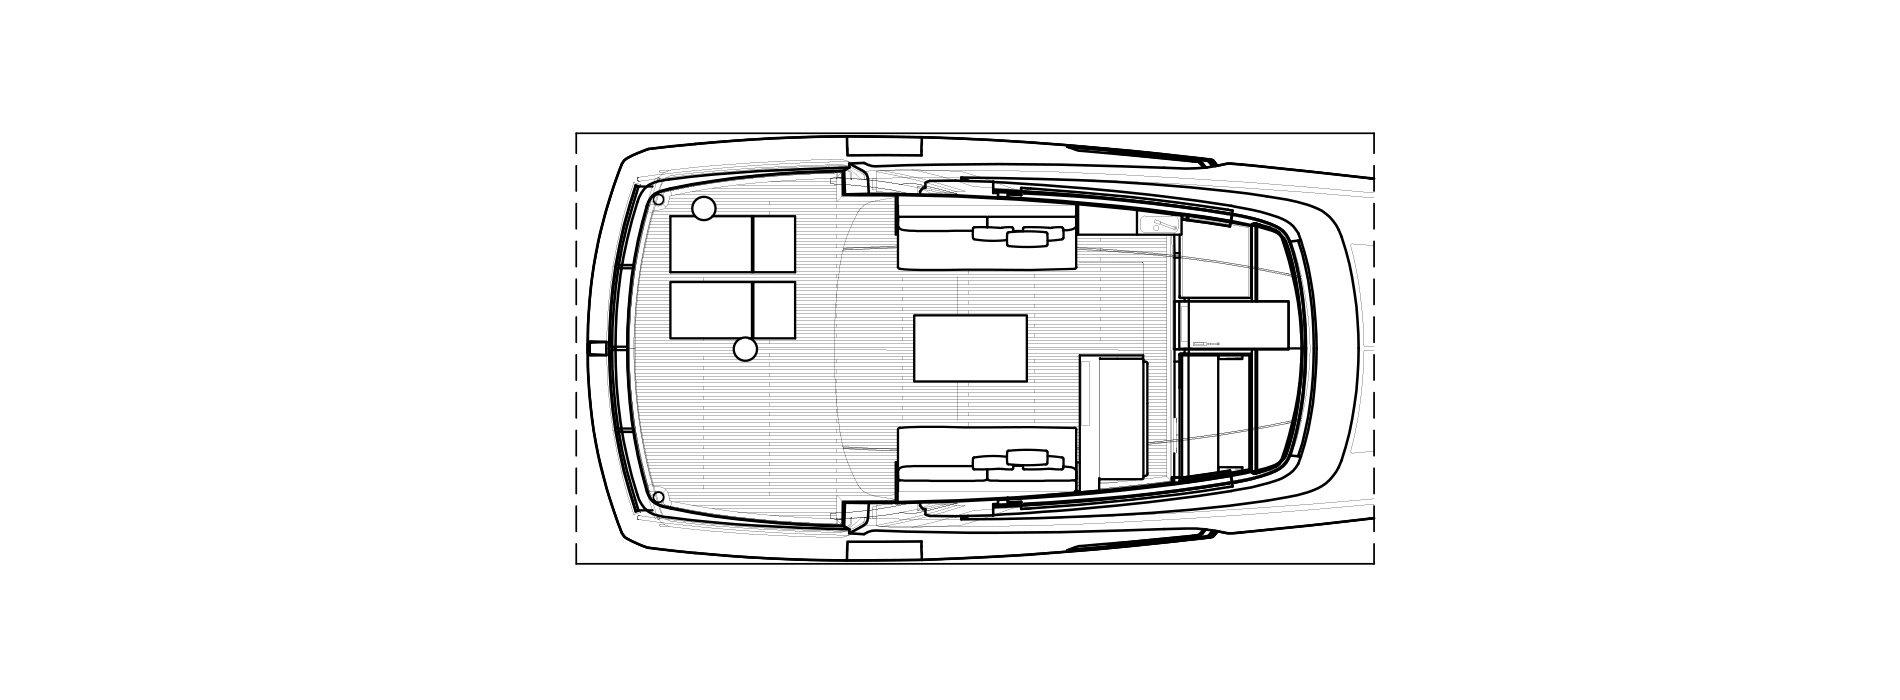 Sanlorenzo Yachts SX88 Détails Versione Lissoni